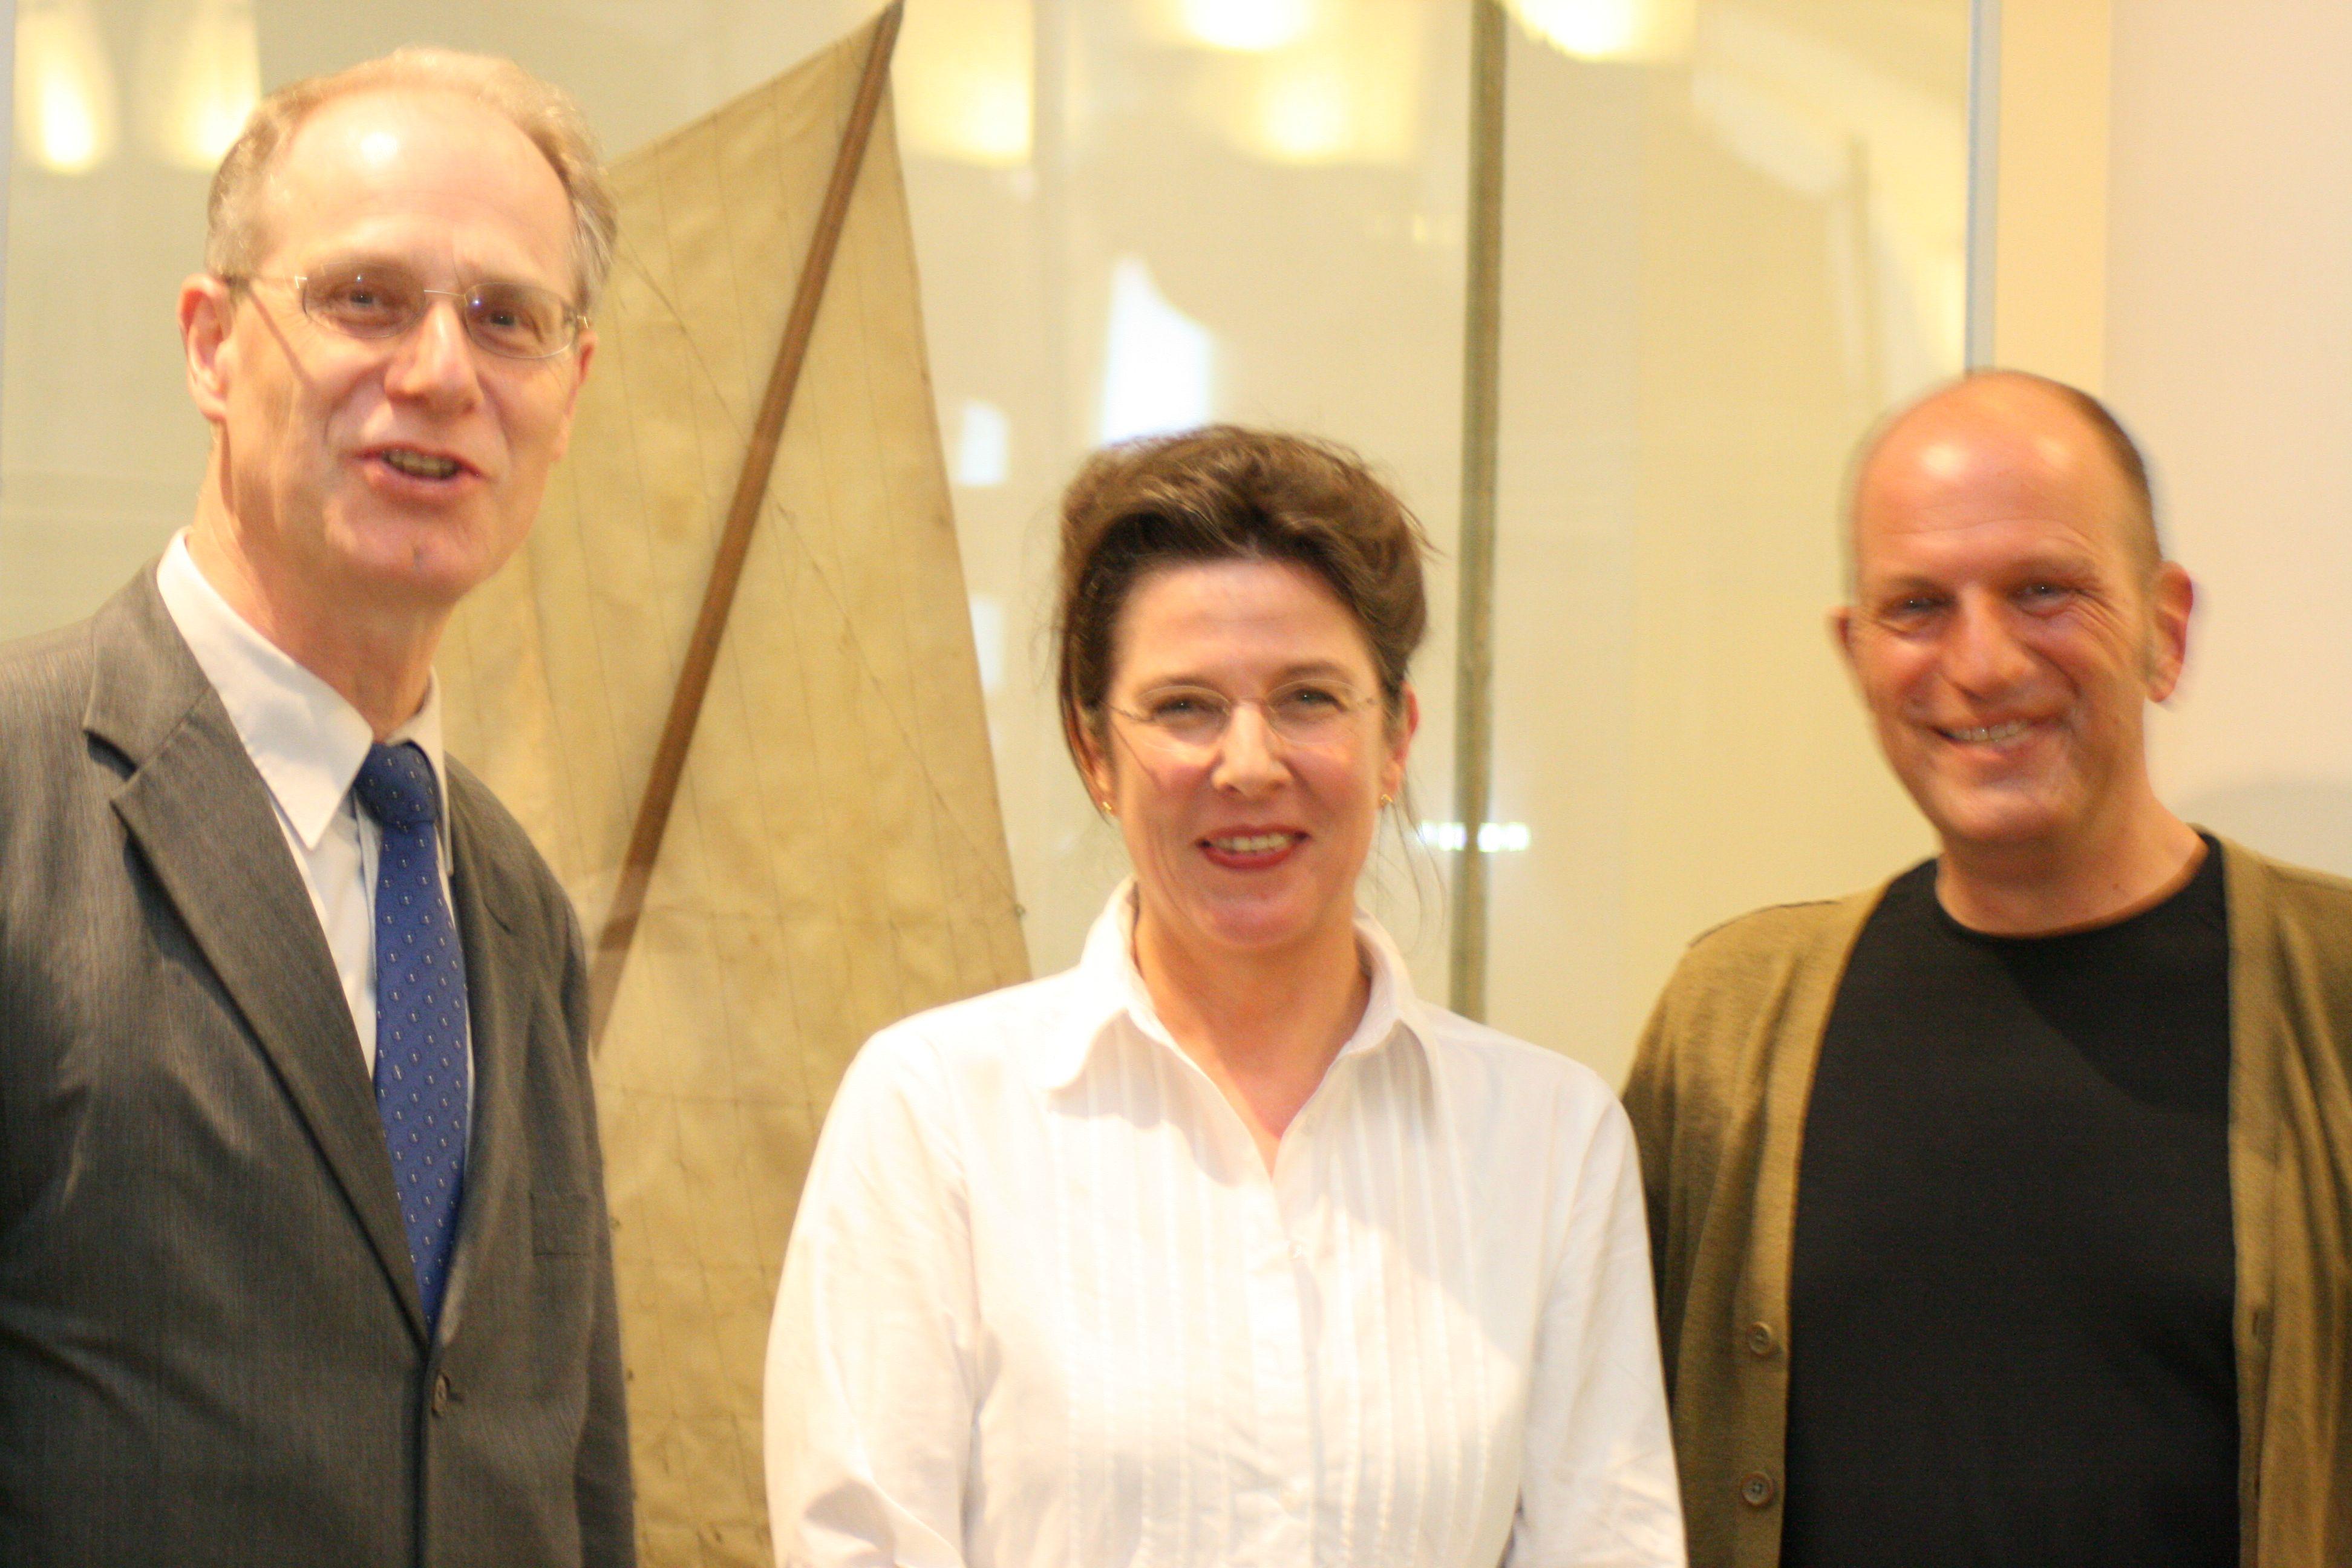 Dr. Blümel, Dr. Gausmann-Läpple, Andreas Steinhöfel